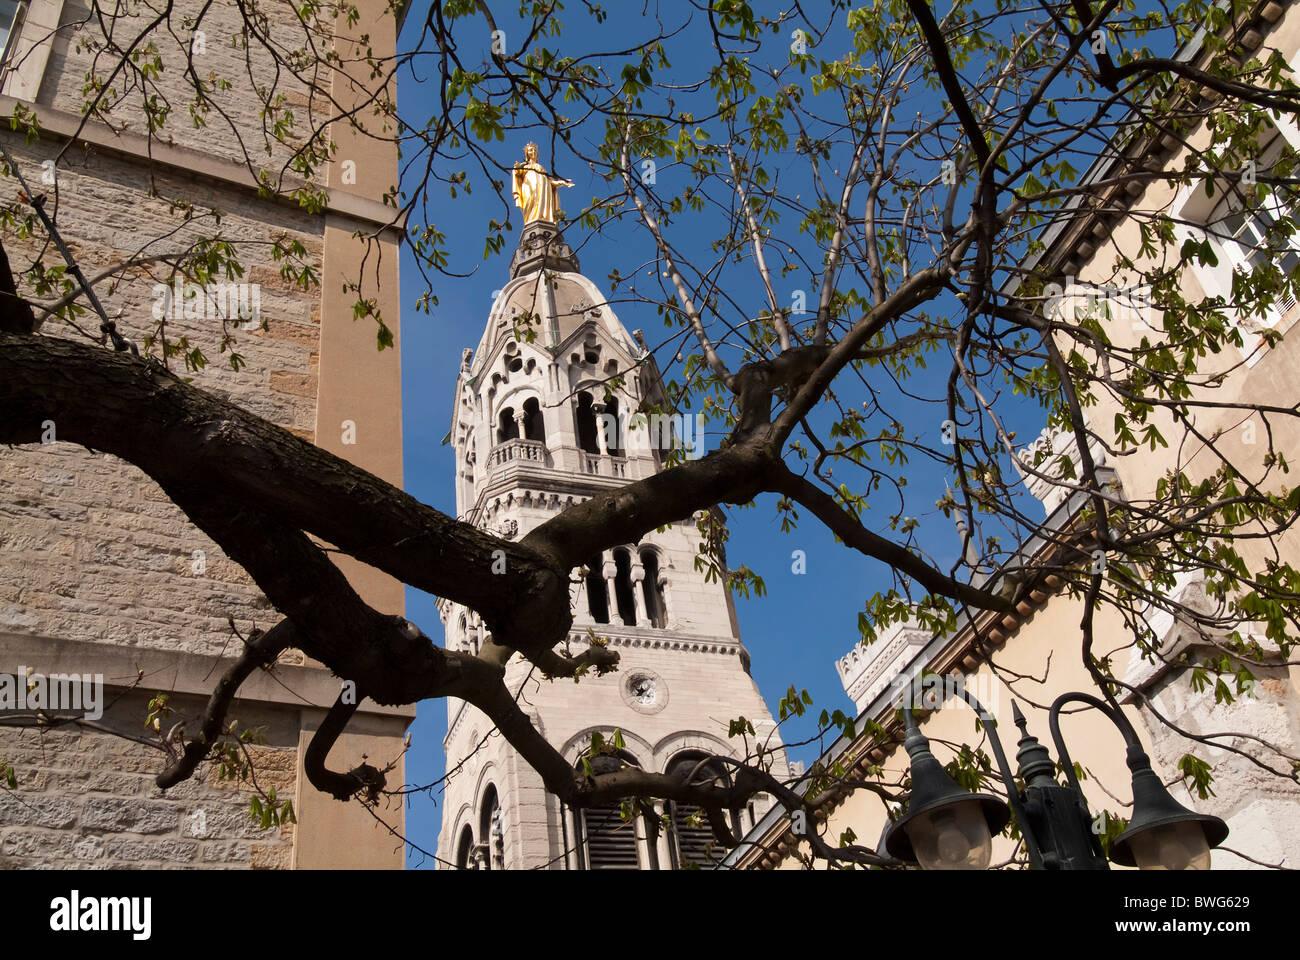 Basilica Notre-Dame de Fourvière, Vieux Lyon district, France Stock Photo